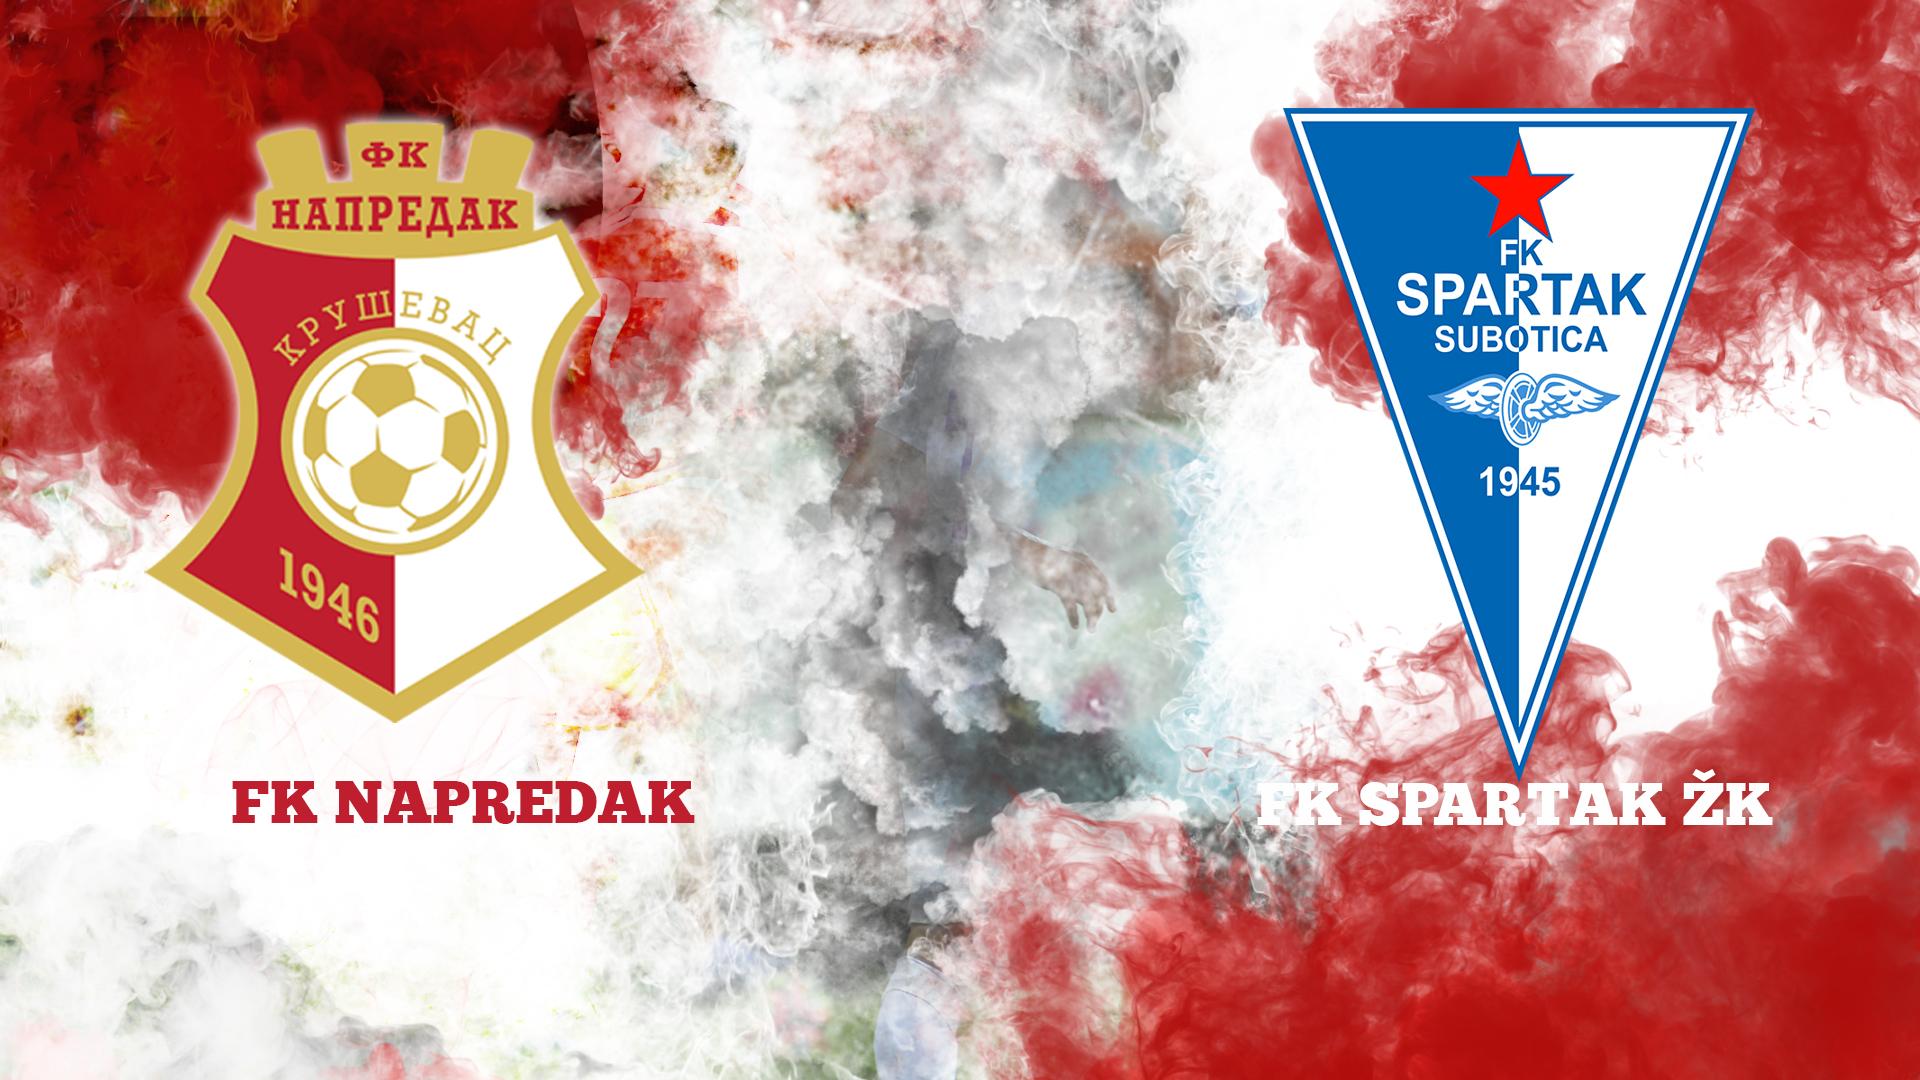 Napredak F.C - Spartak Žk F.C 4:3